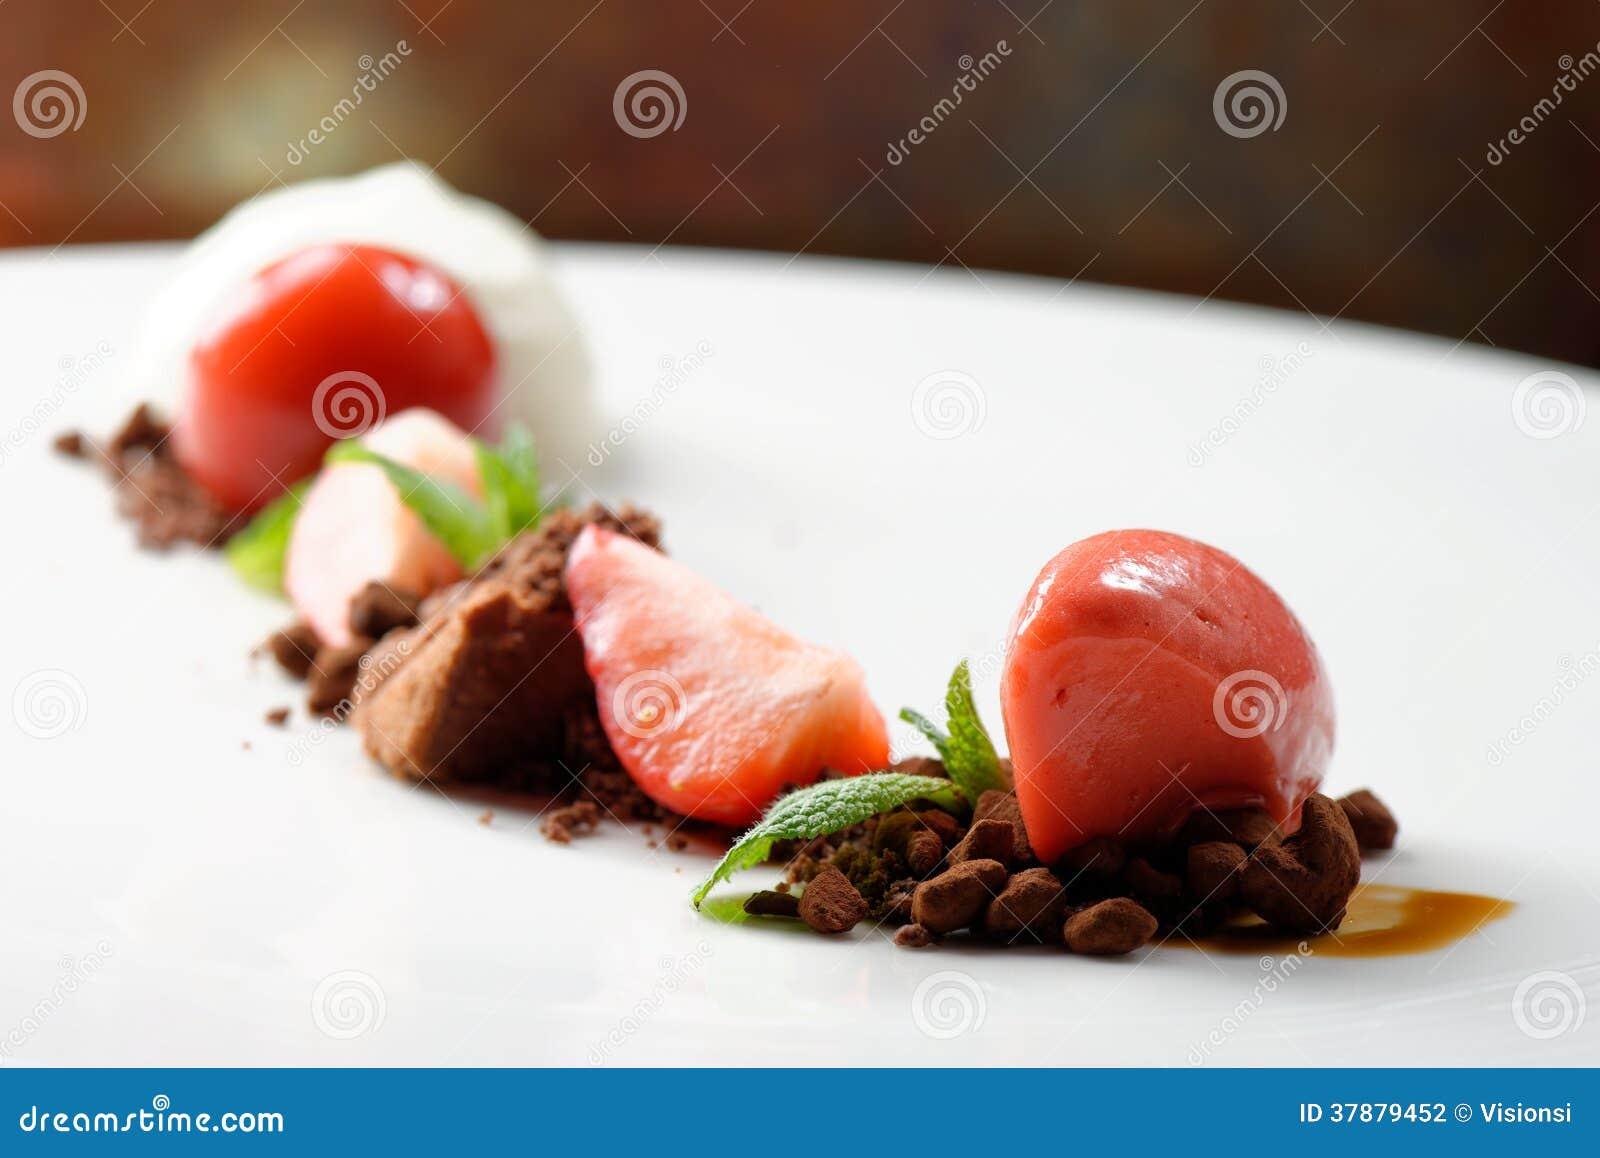 Free Kitchen Design App Fine Dining Dessert Strawberry Ice Cream Chocolate